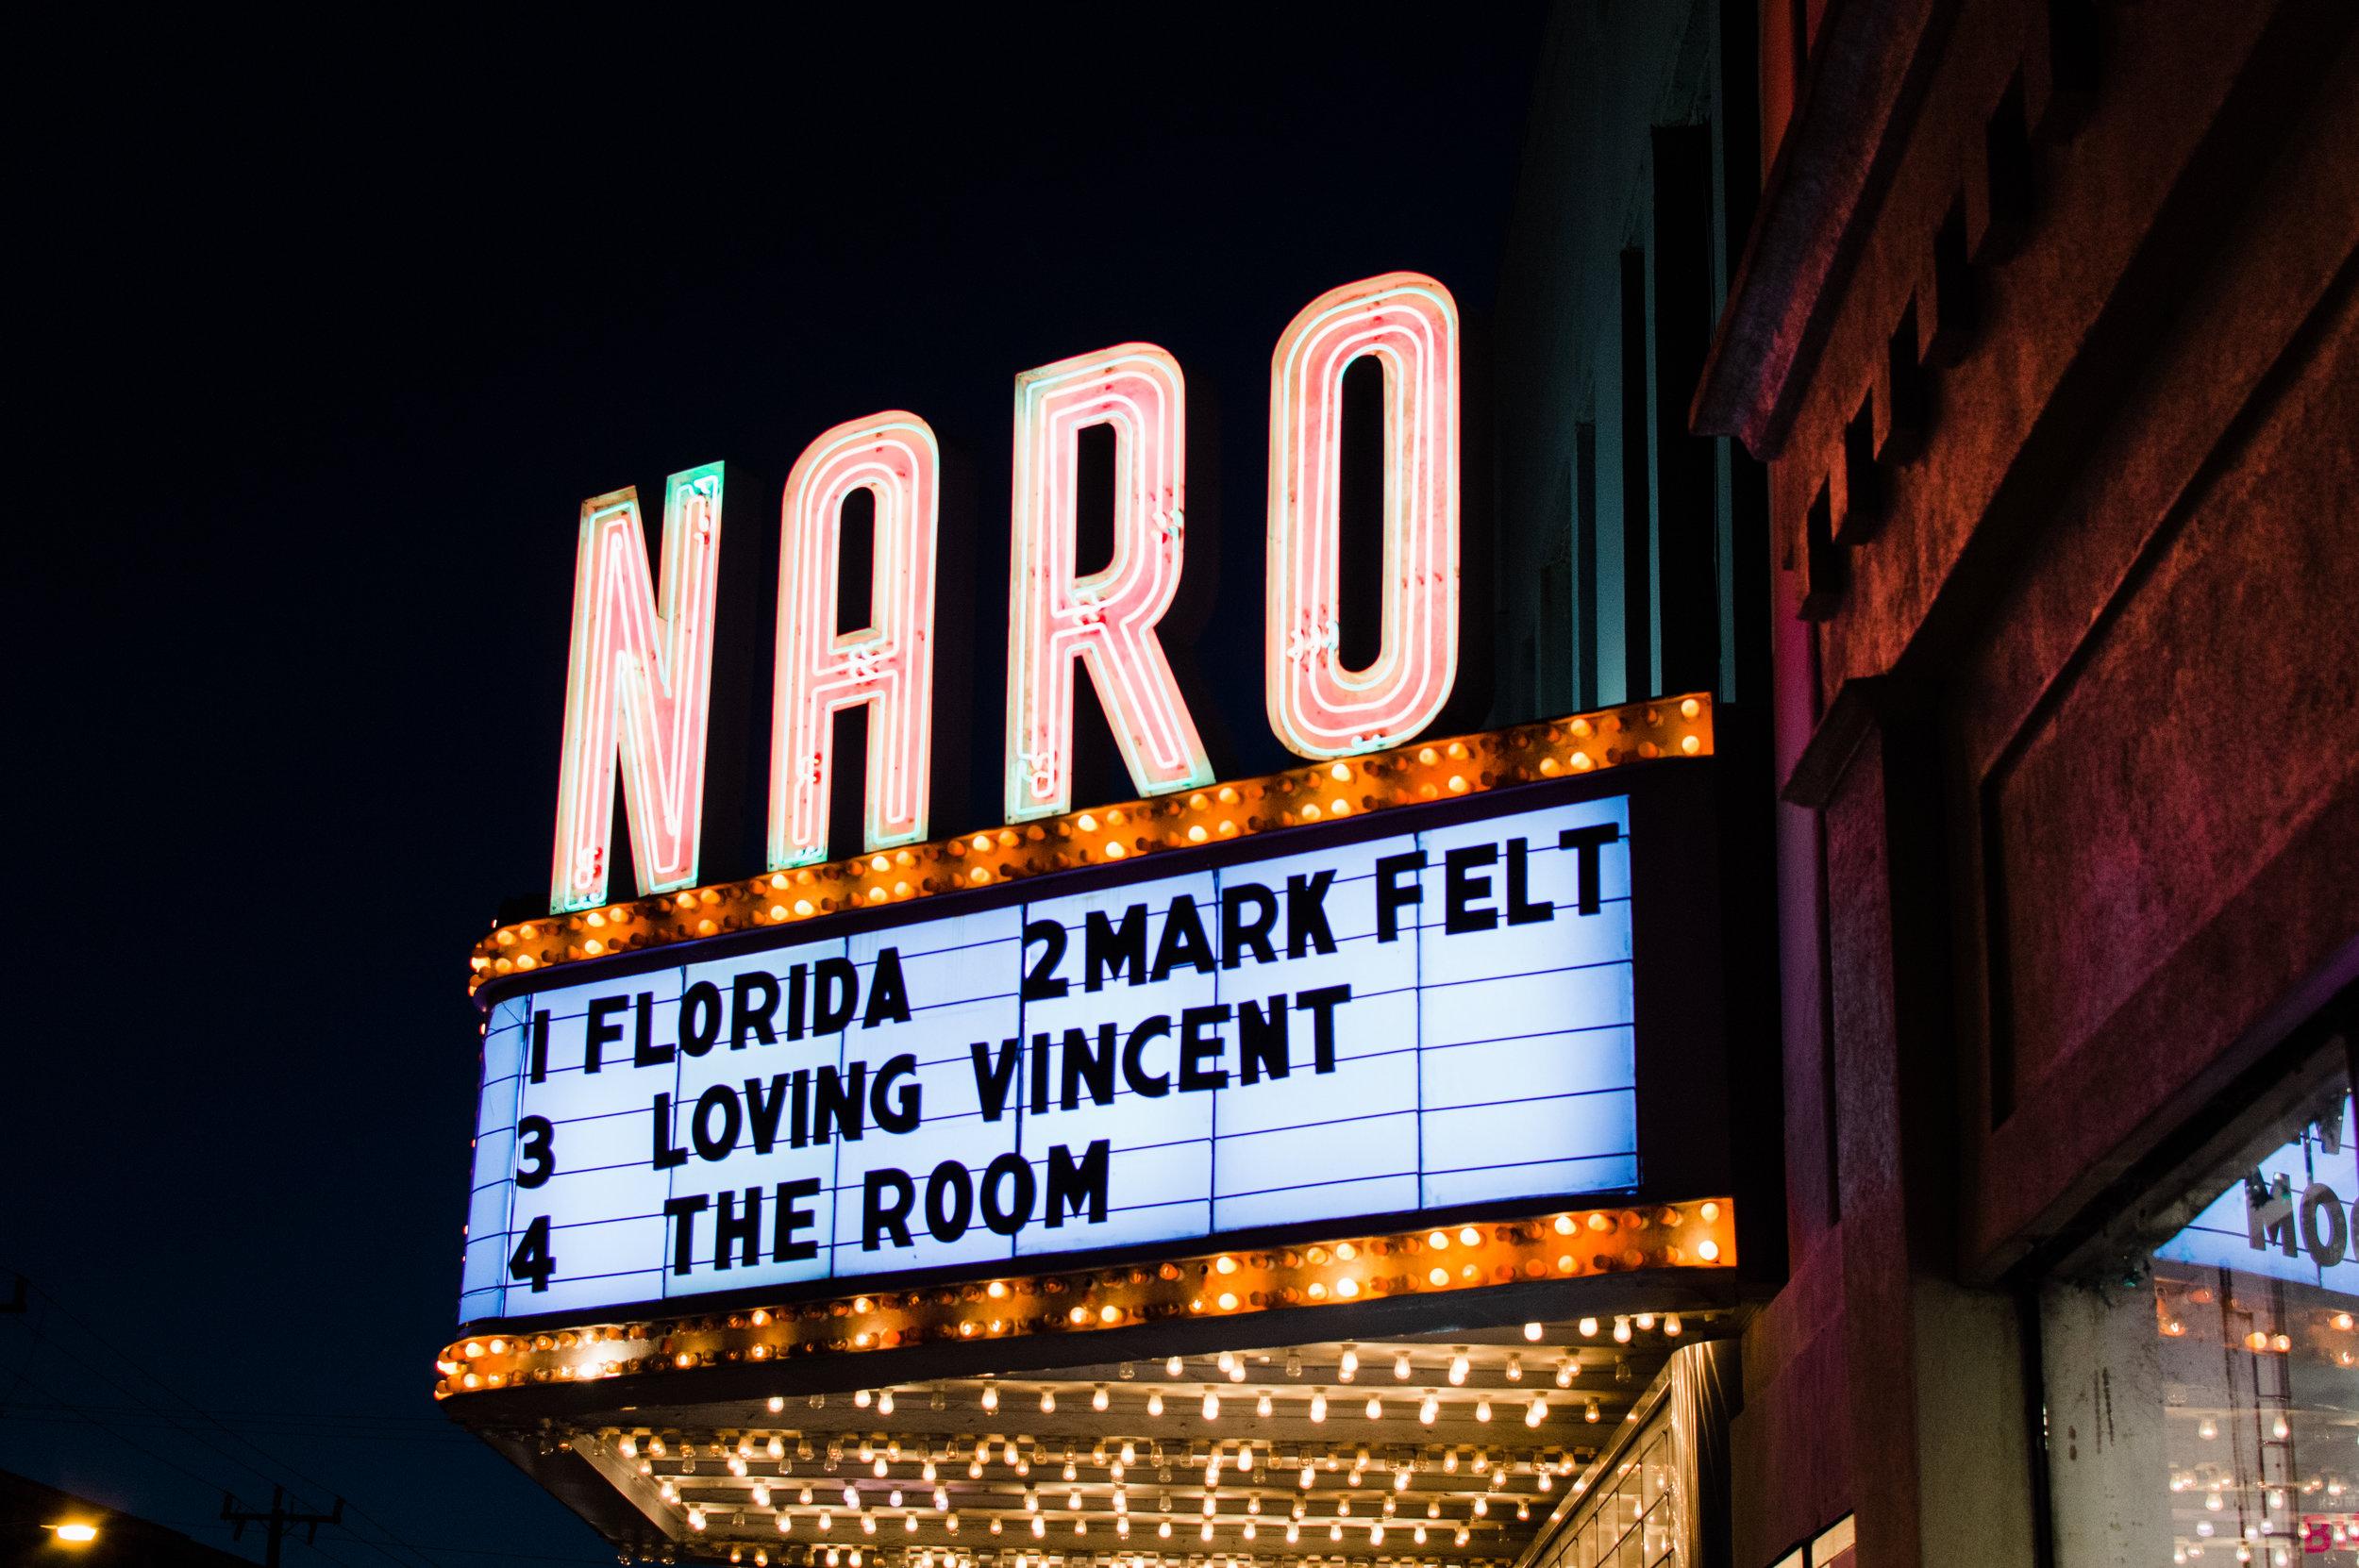 11/19/17. Naro theater. Fuji 400H Pushed